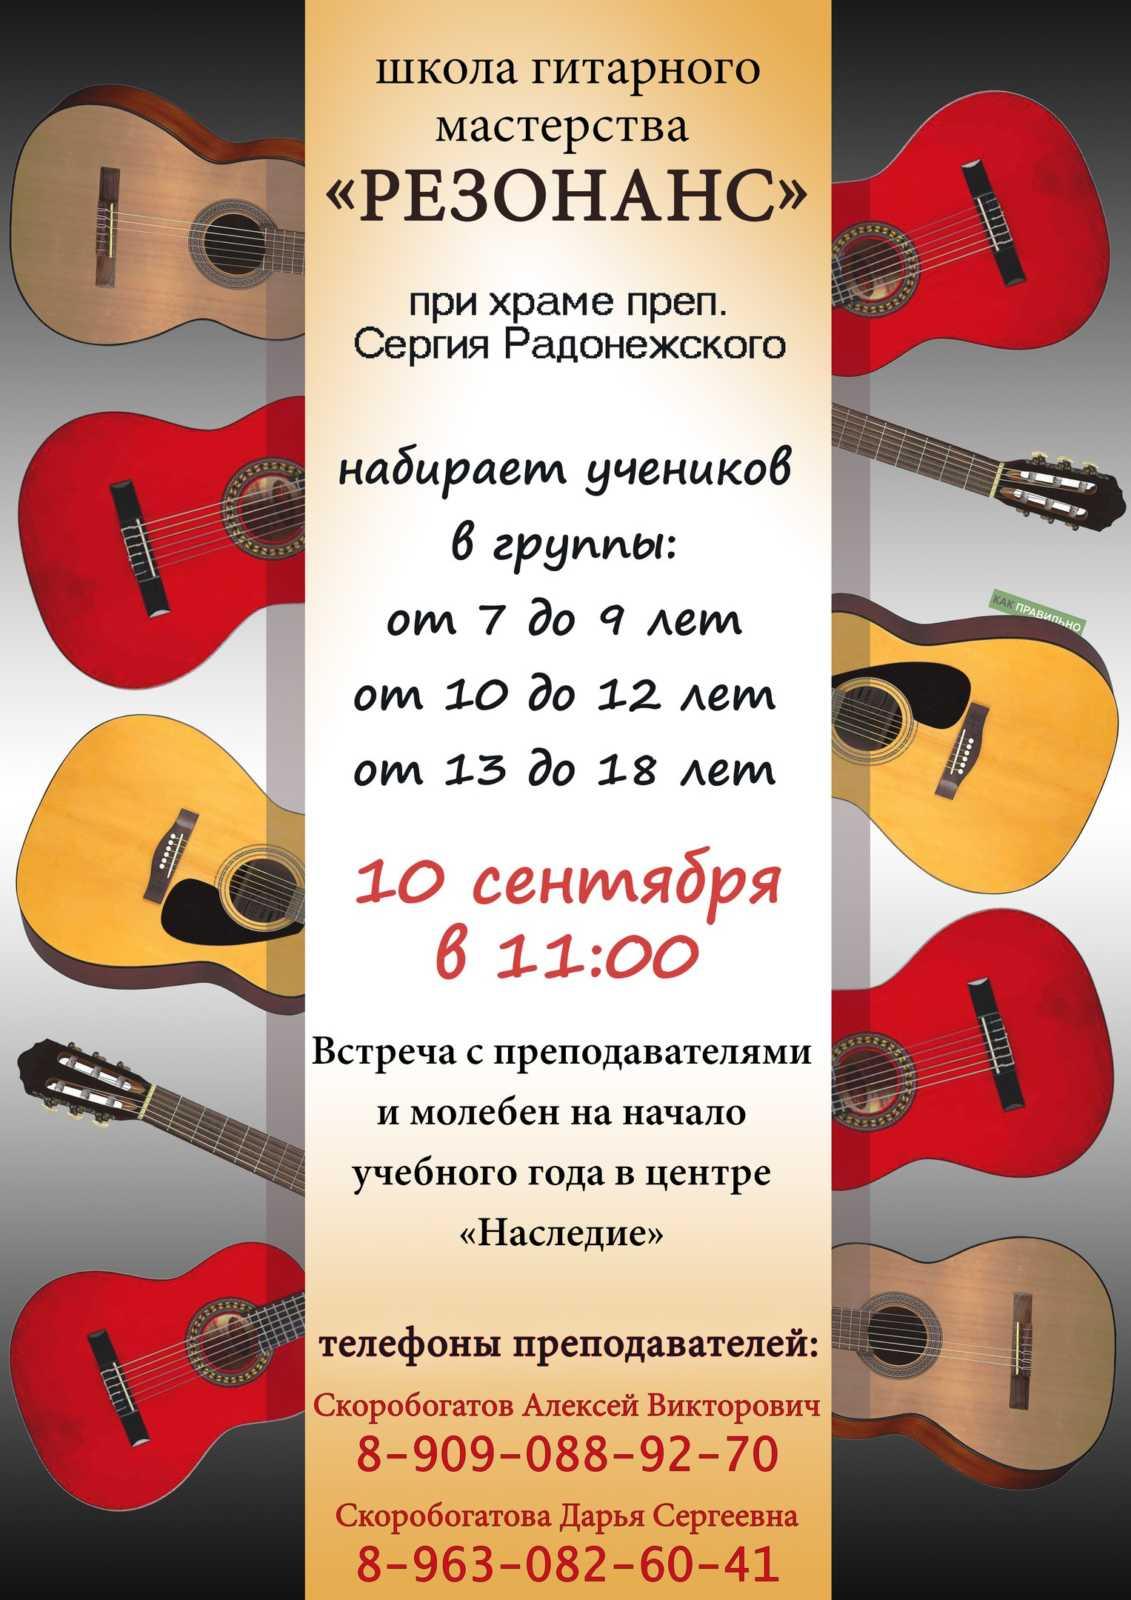 Школа гитарного мастерства Резонанс при храме преп Сергия Радонежского